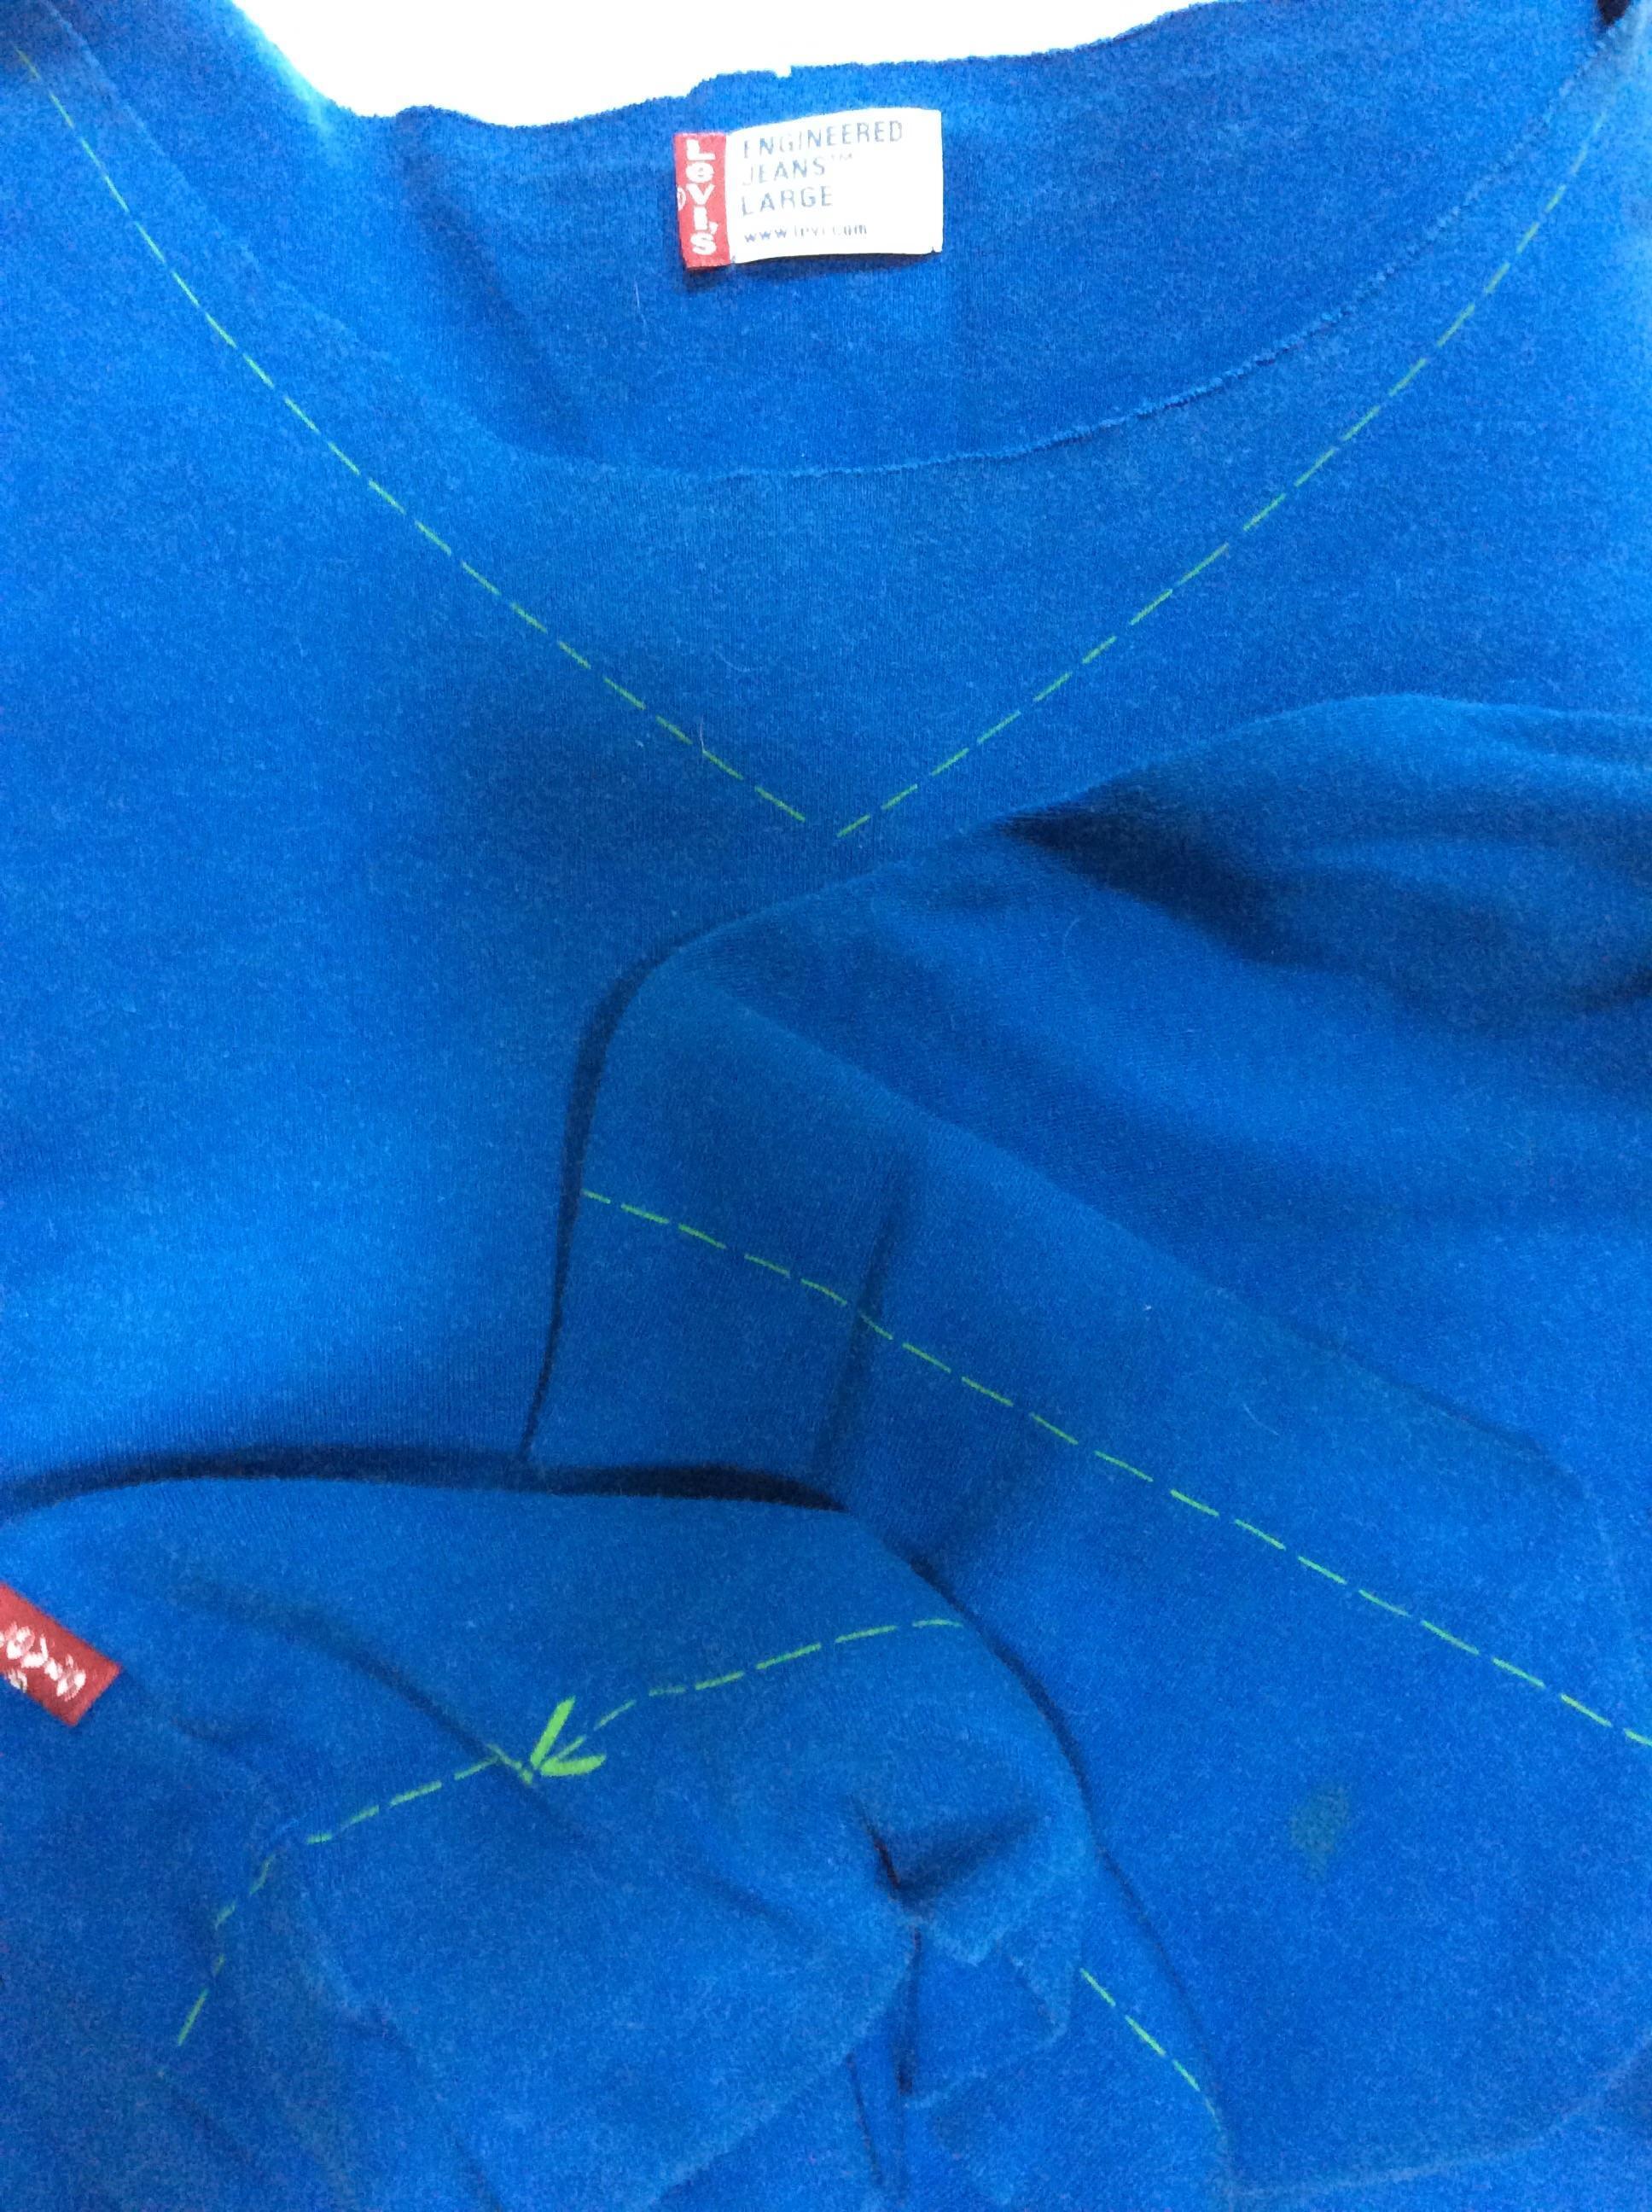 troc de troc t shirt levi's engineering jeans large années 90 manches longues image 1